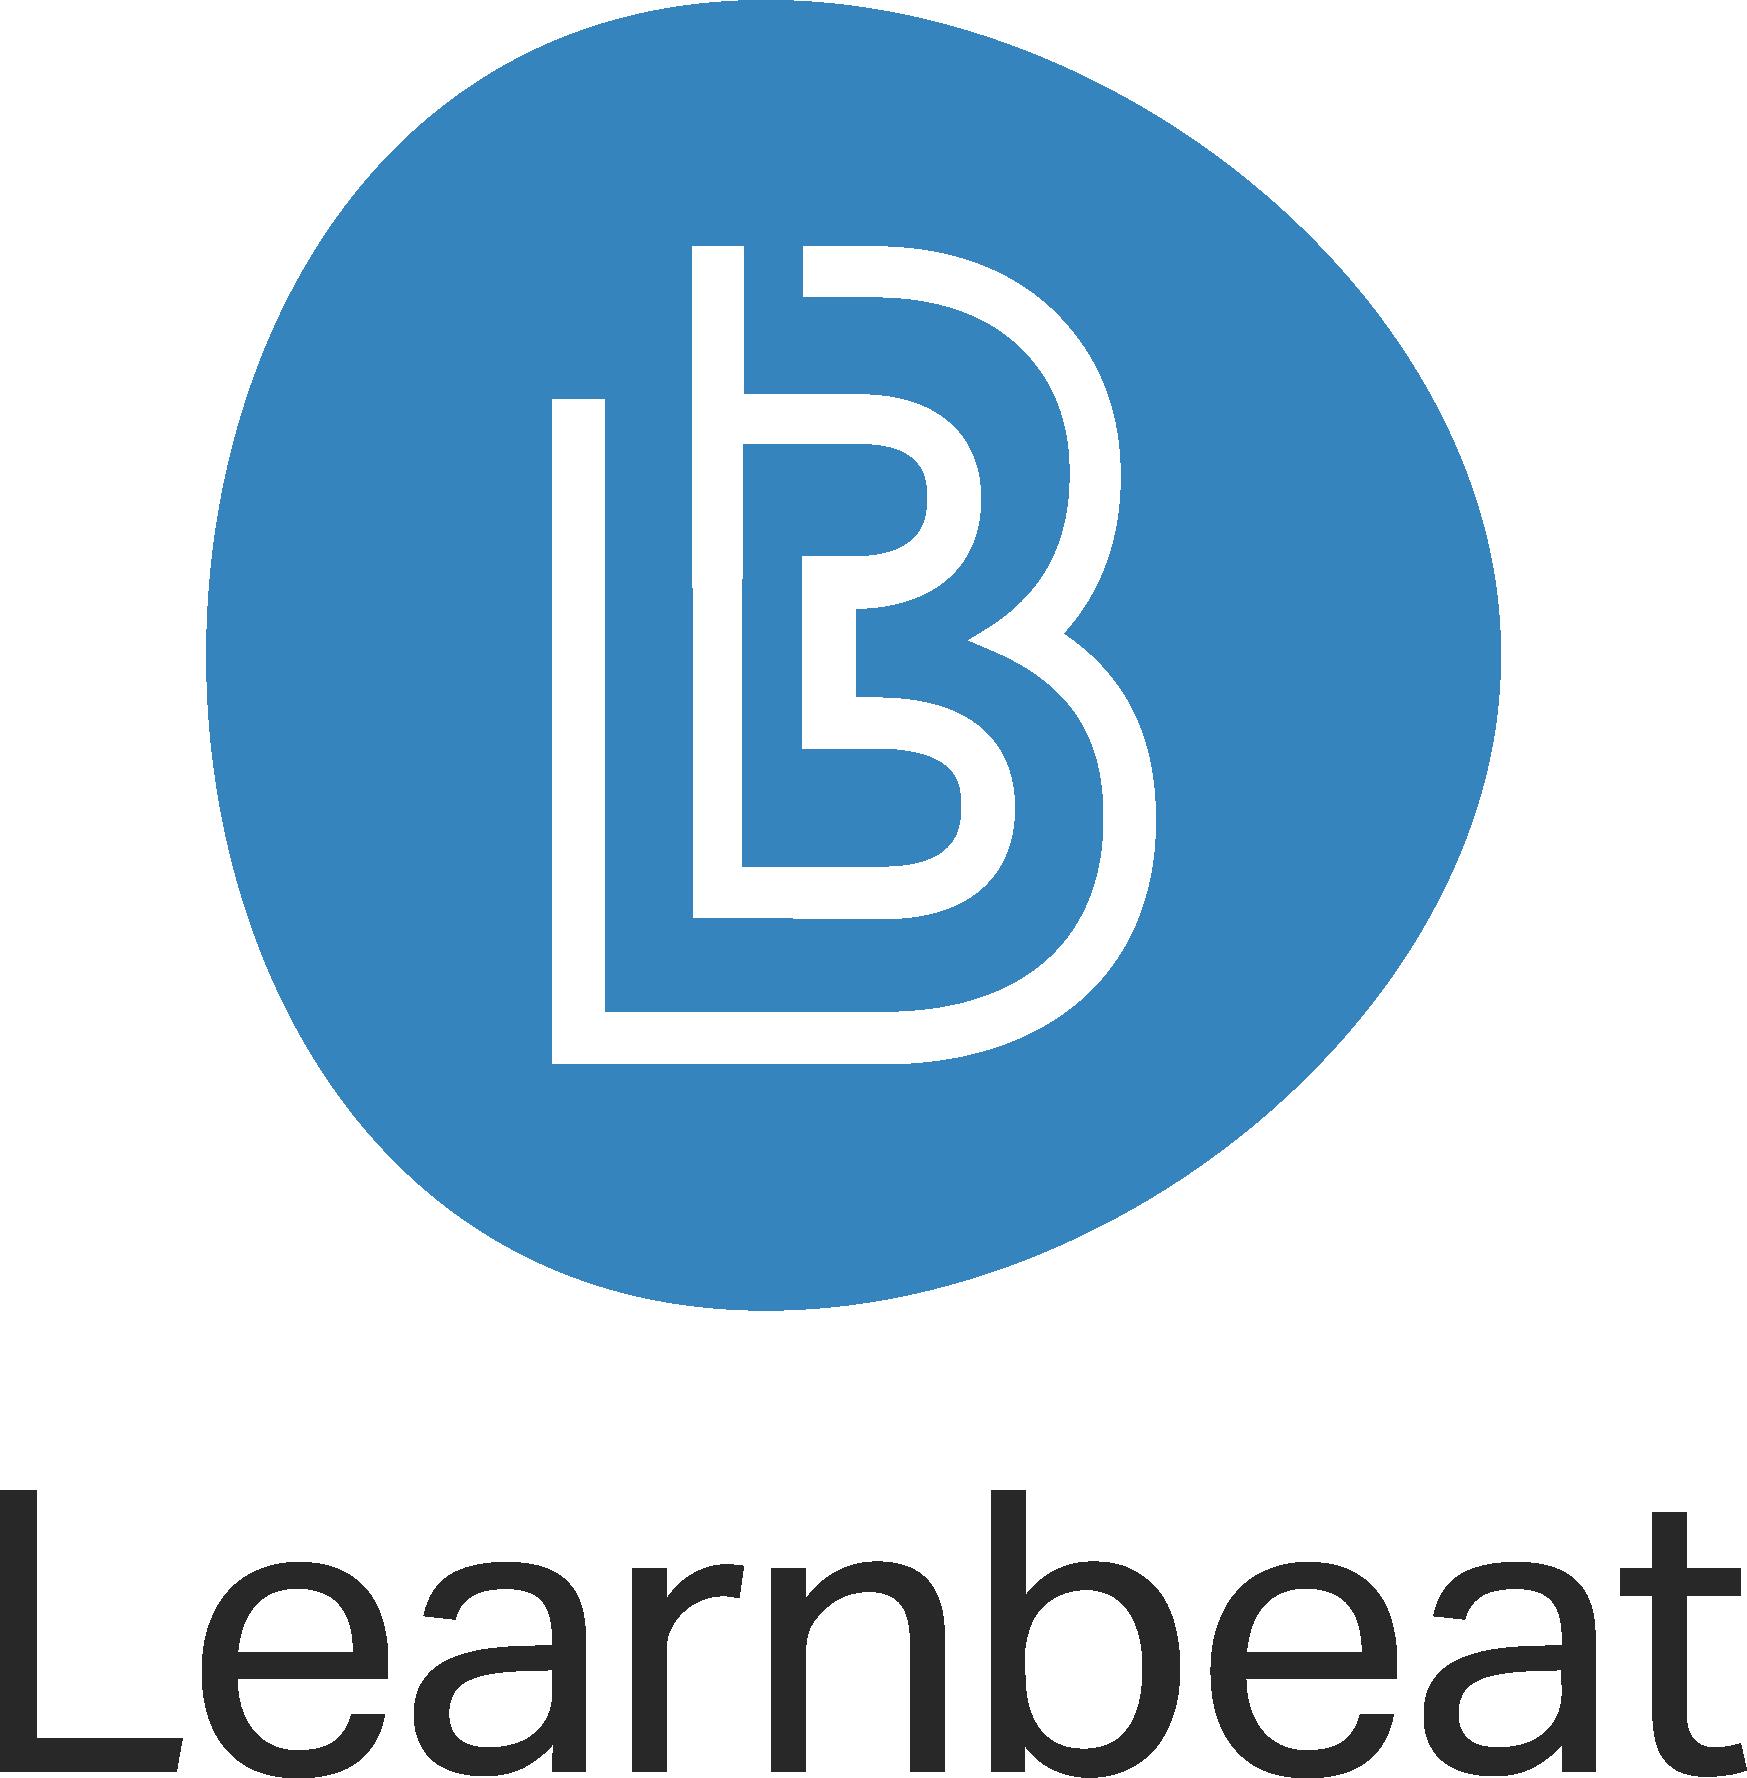 Learnbeat